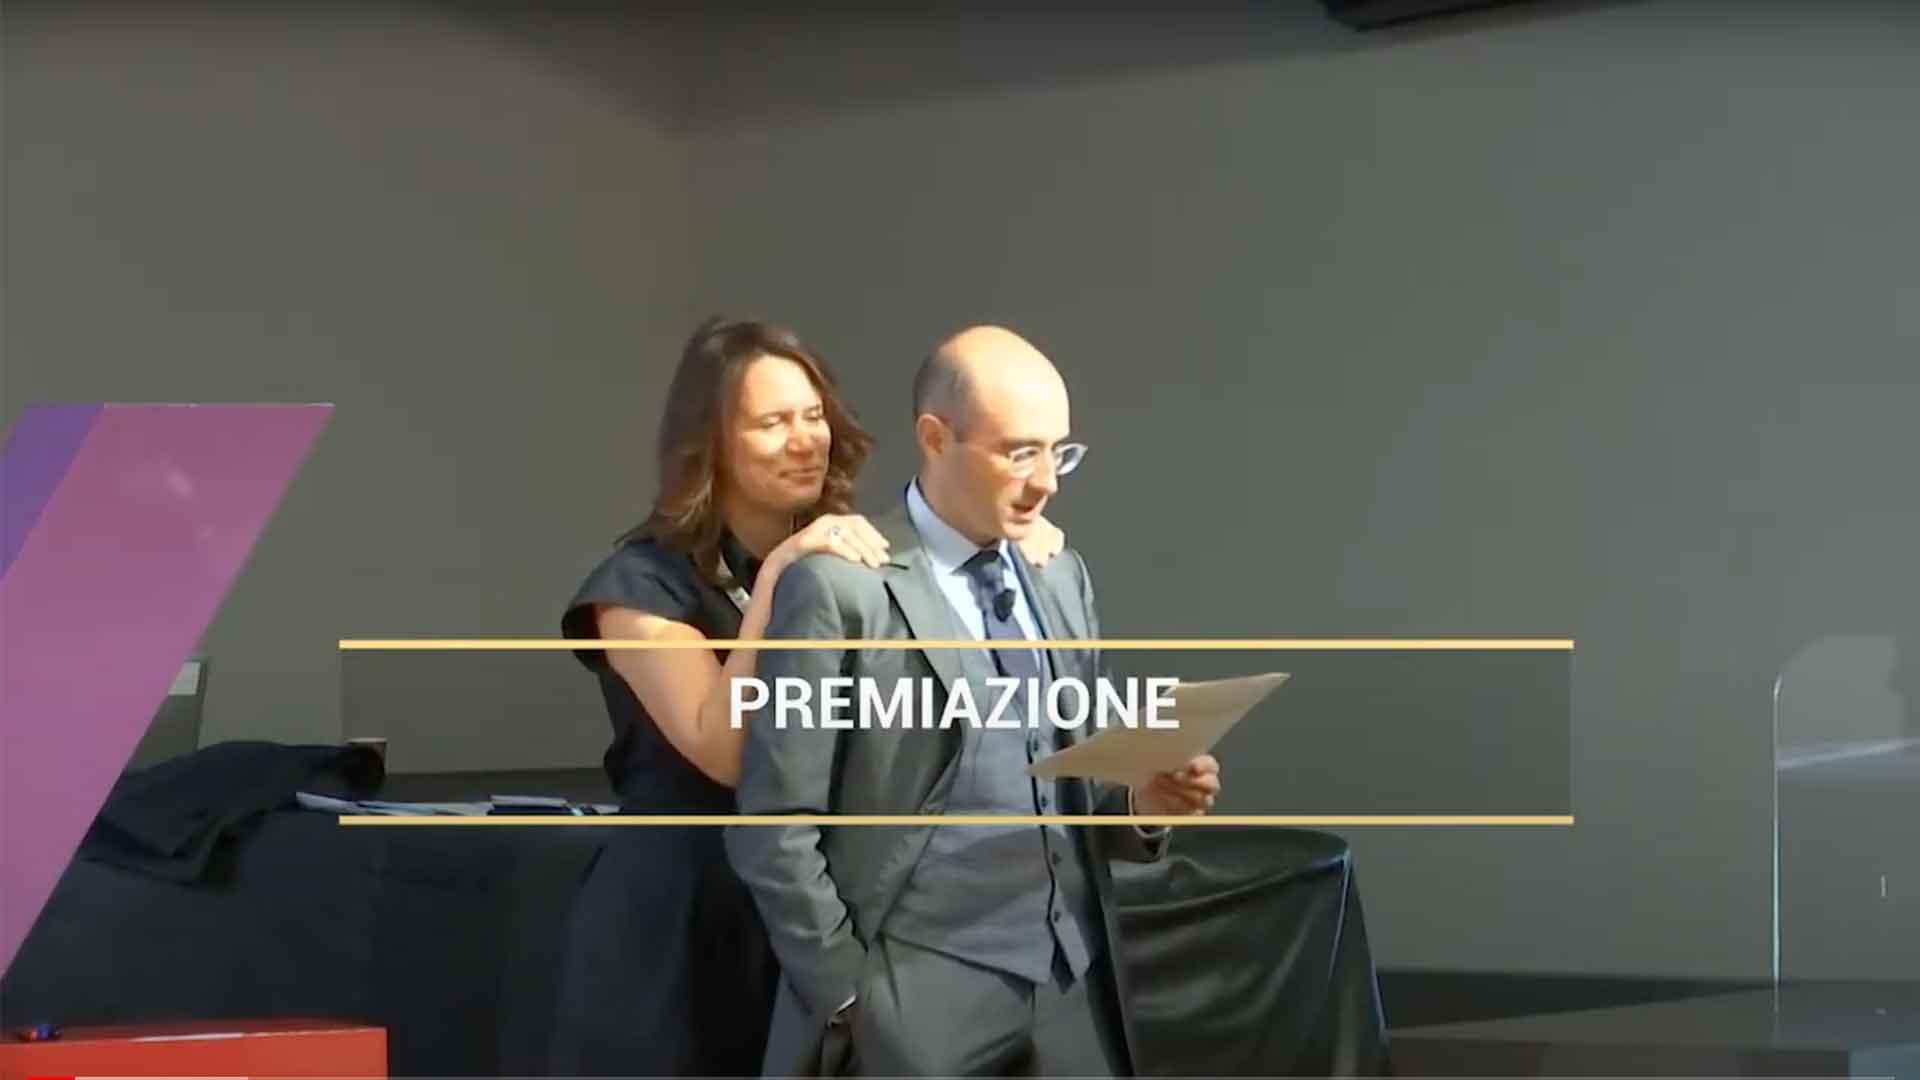 Premiazione-thumbnail